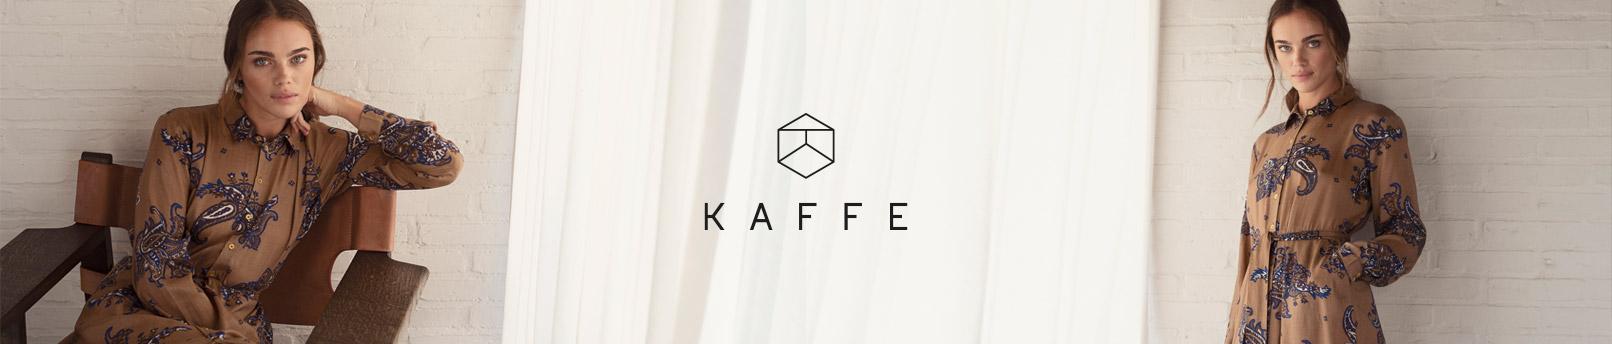 Shop Kaffe